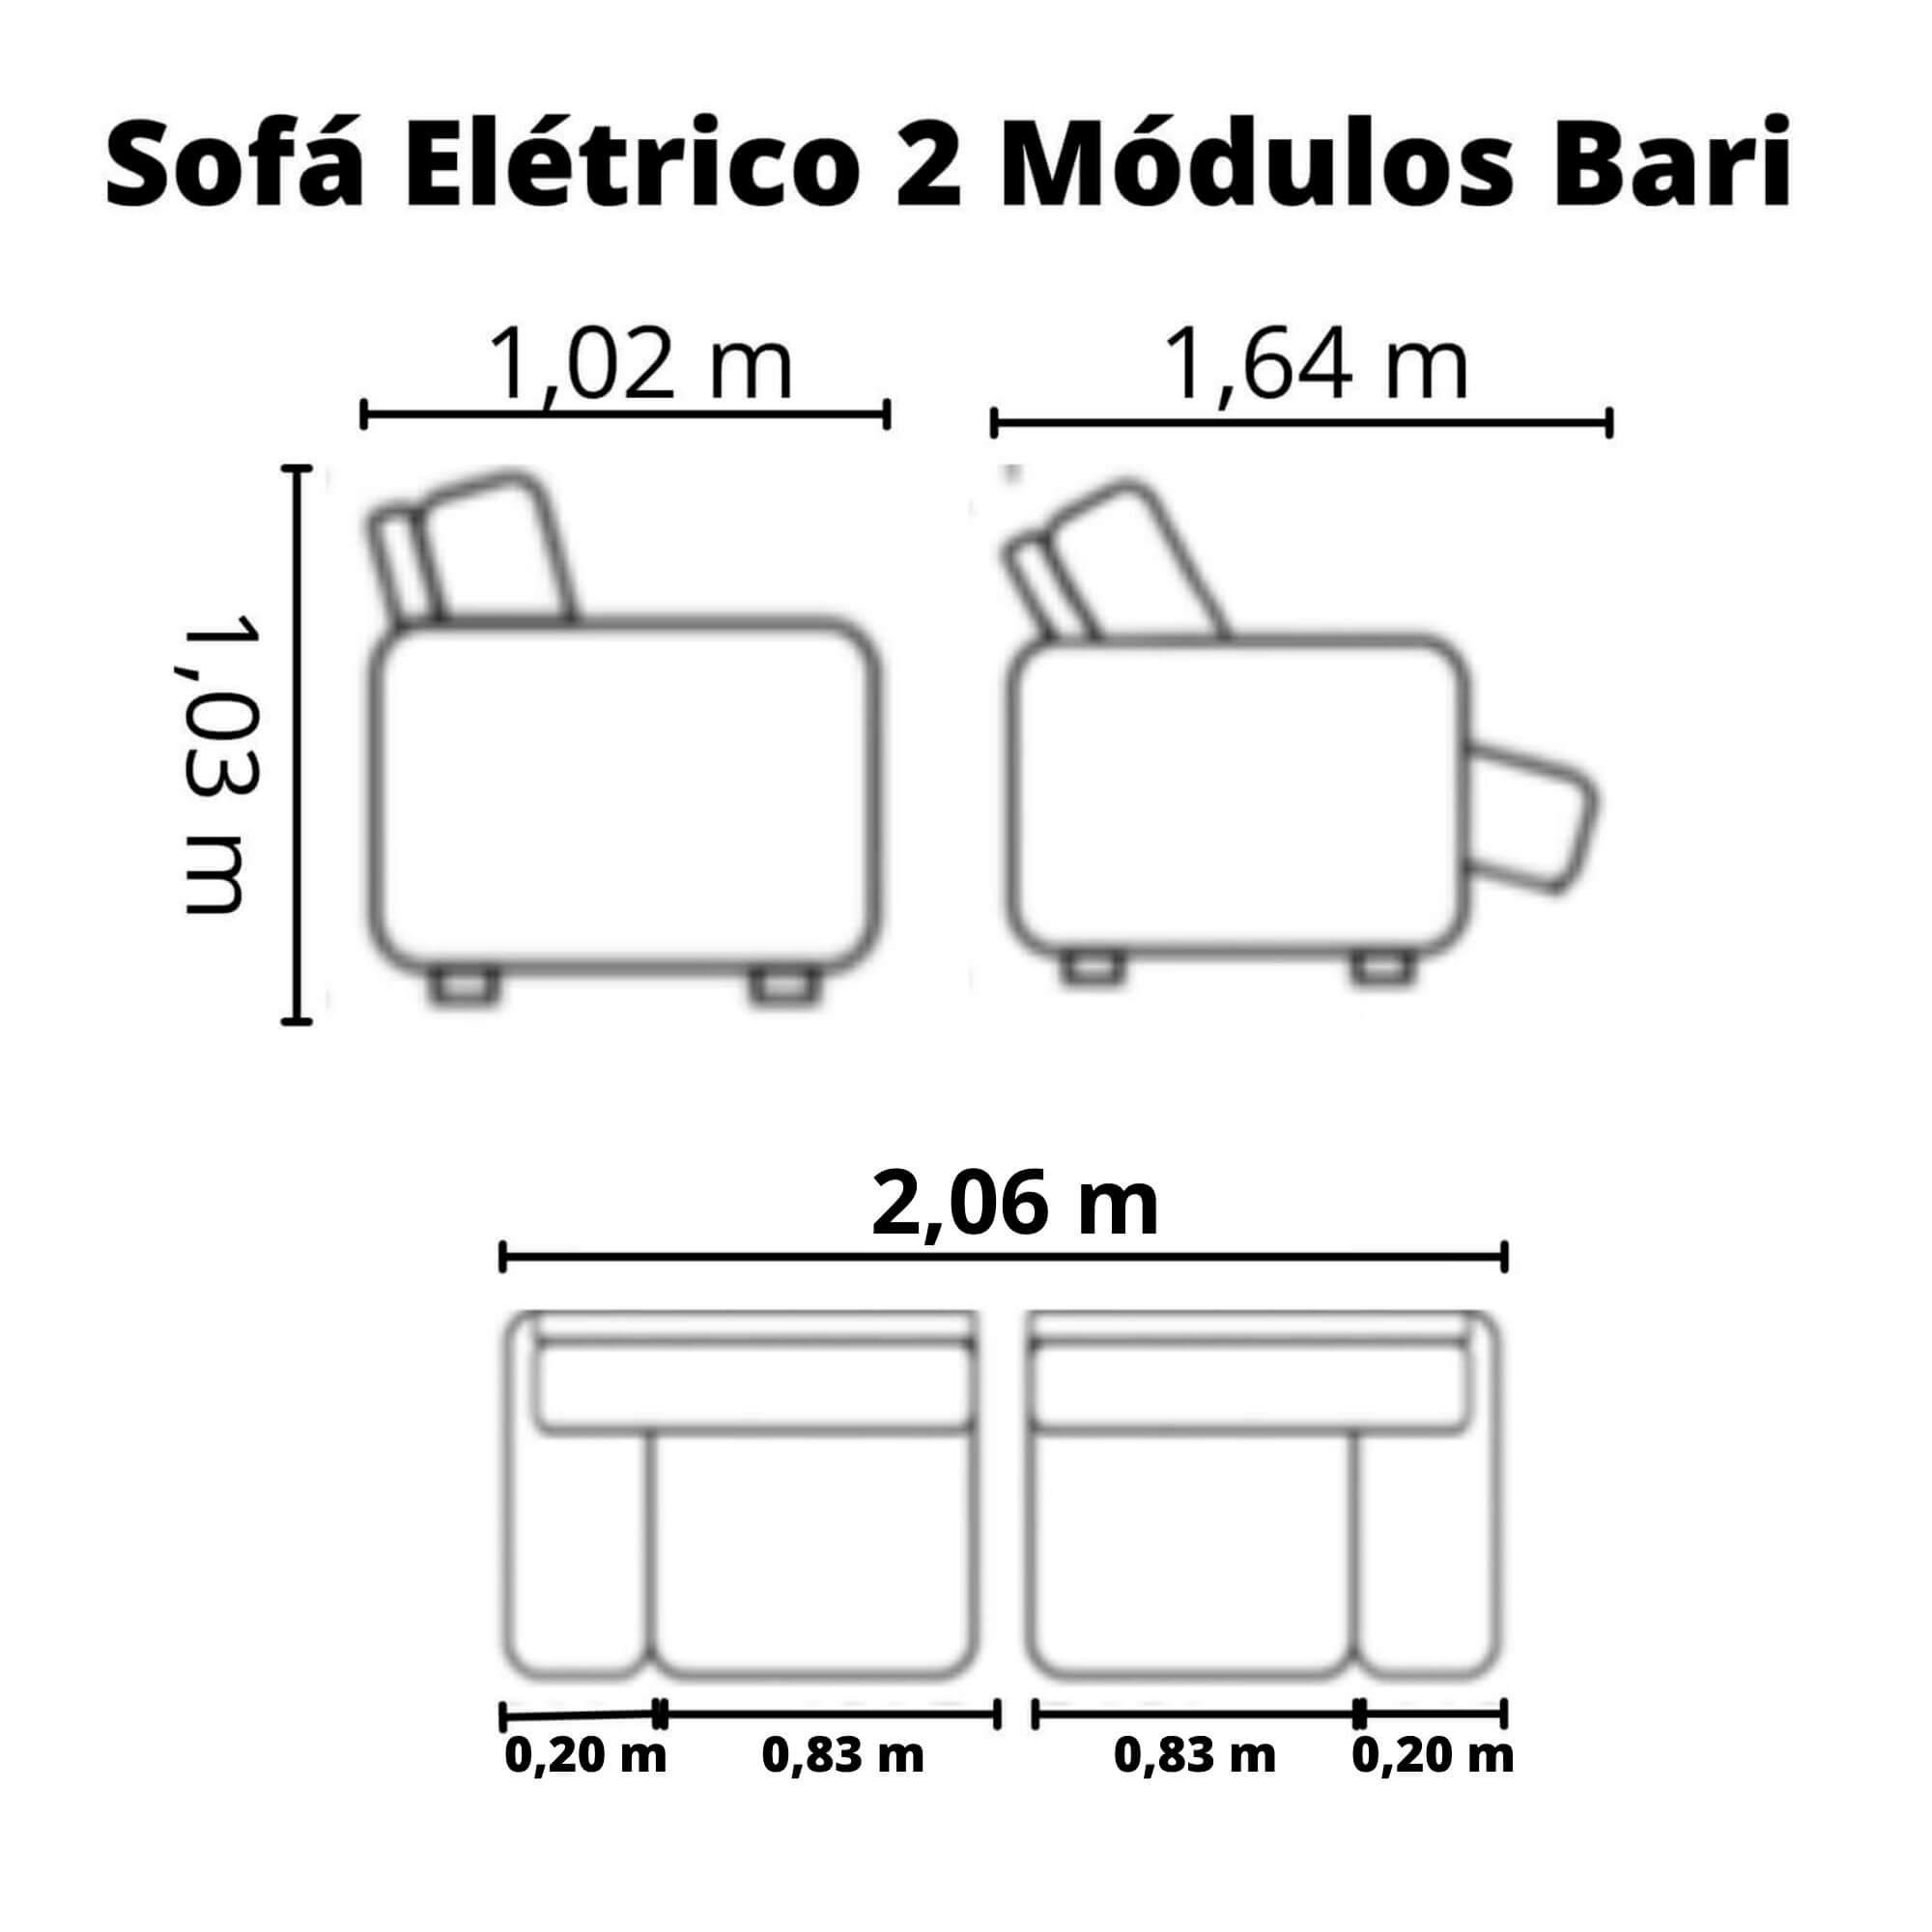 Sofá Retrátil Elétrico de Couro 206cm - Bari Pronta Entrega  - Formato Móveis e Decorações